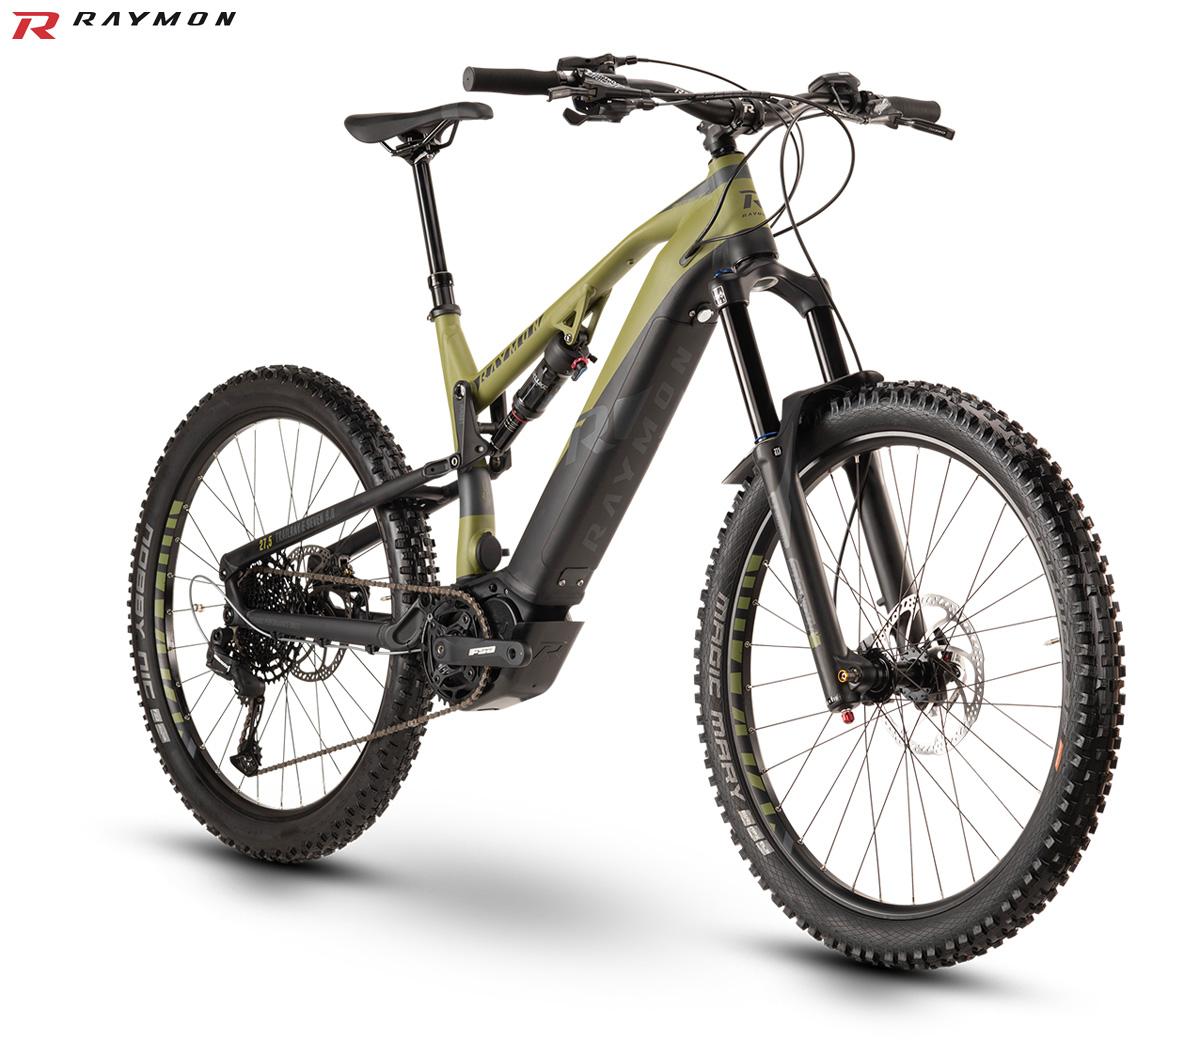 Una mountain bike a pedalata assistita full suspended TrailRay E-Seven 9.0 stagione 2020